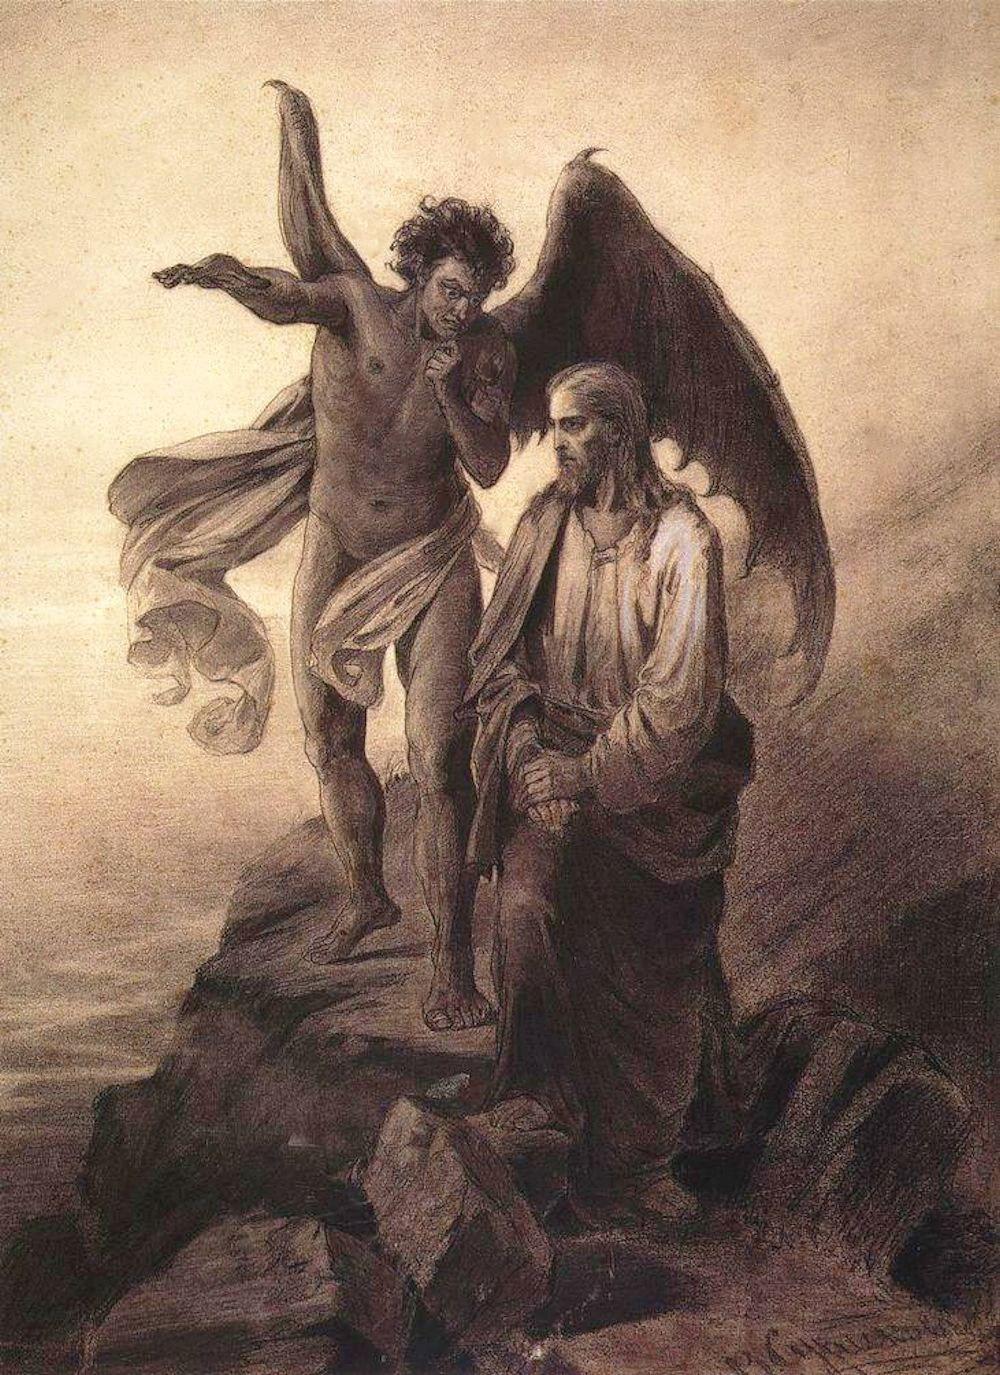 MARIOLANDblog - Blog über Gott und die Welt: 03/13